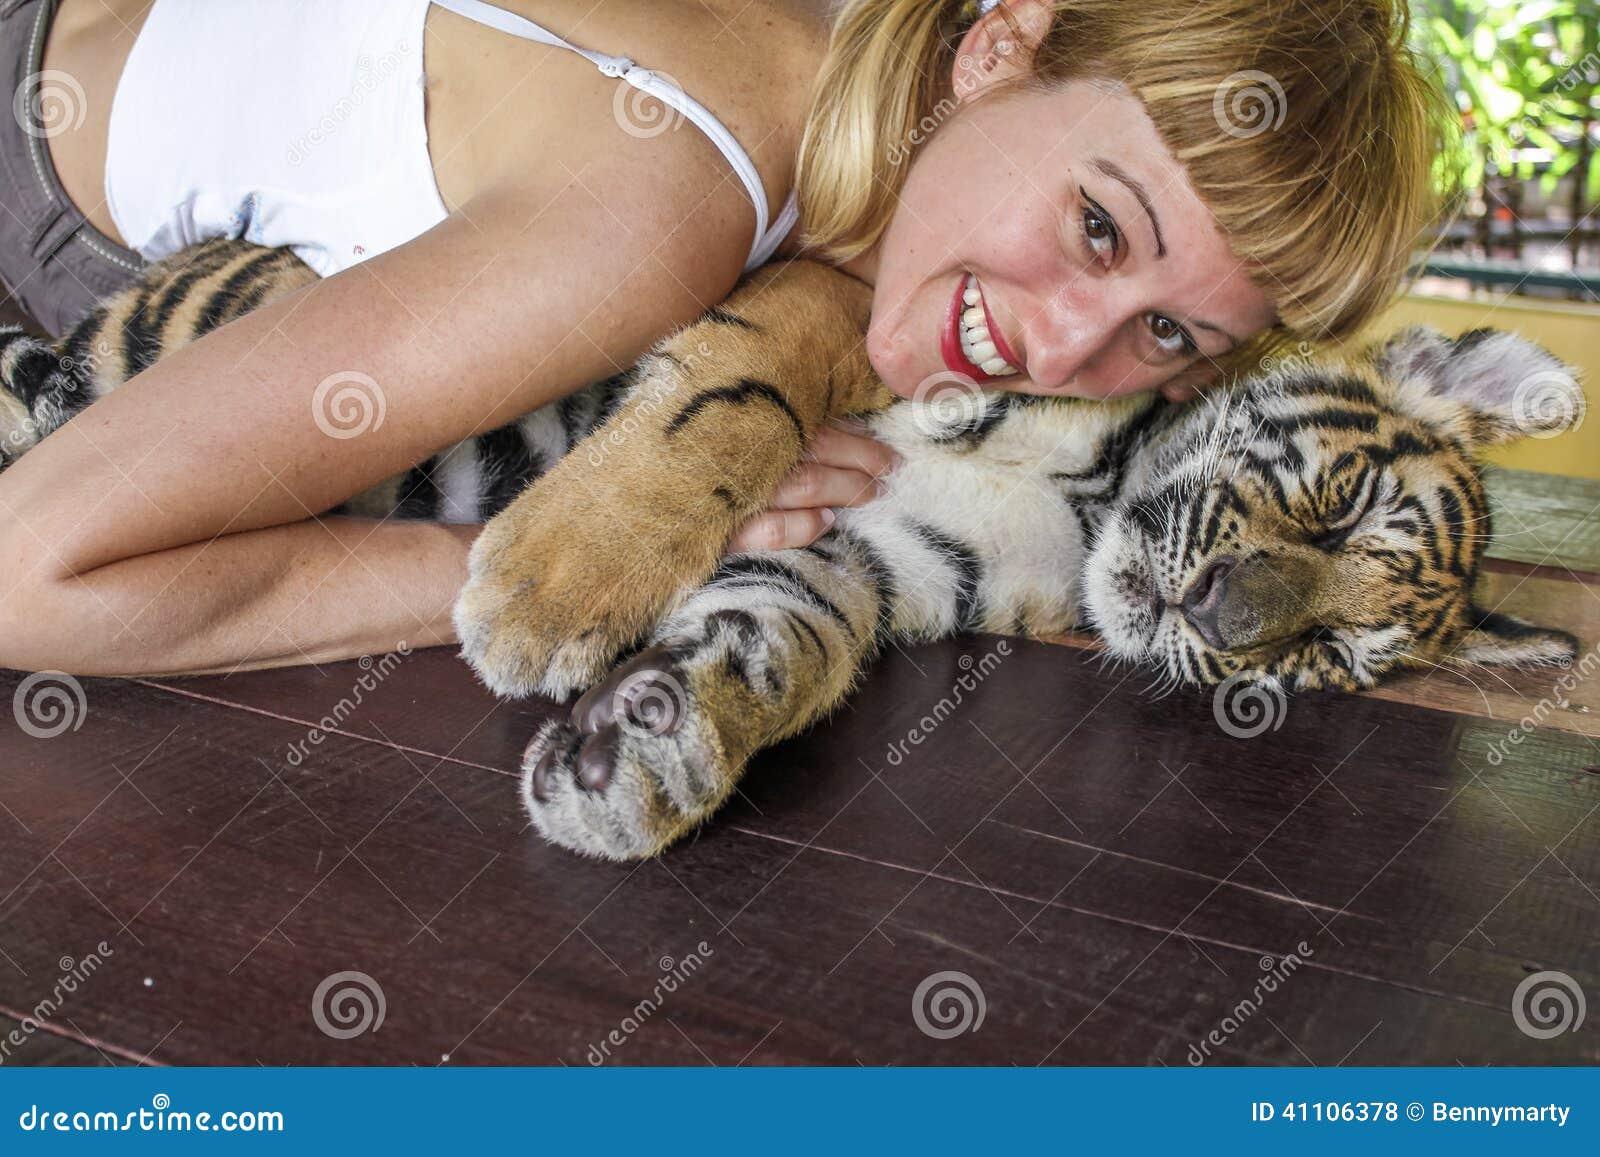 rencontre tigre thailande sites de rencontre espagnol